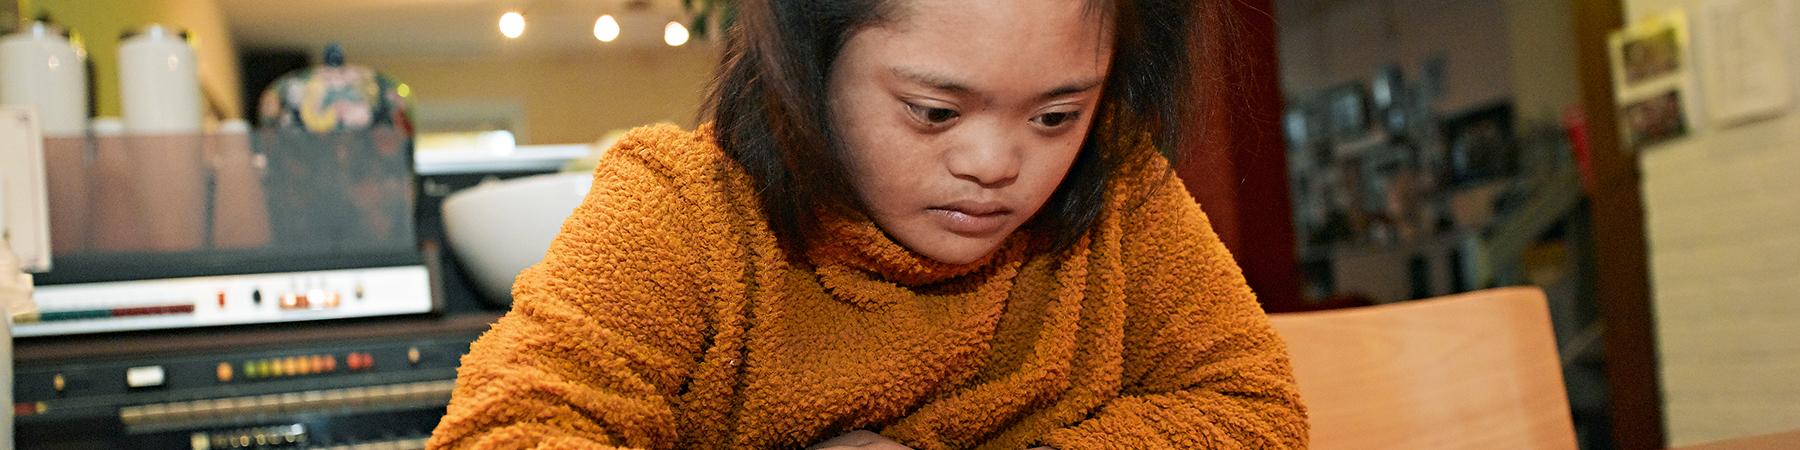 MEE sliderafbeelding - meisje met beperking